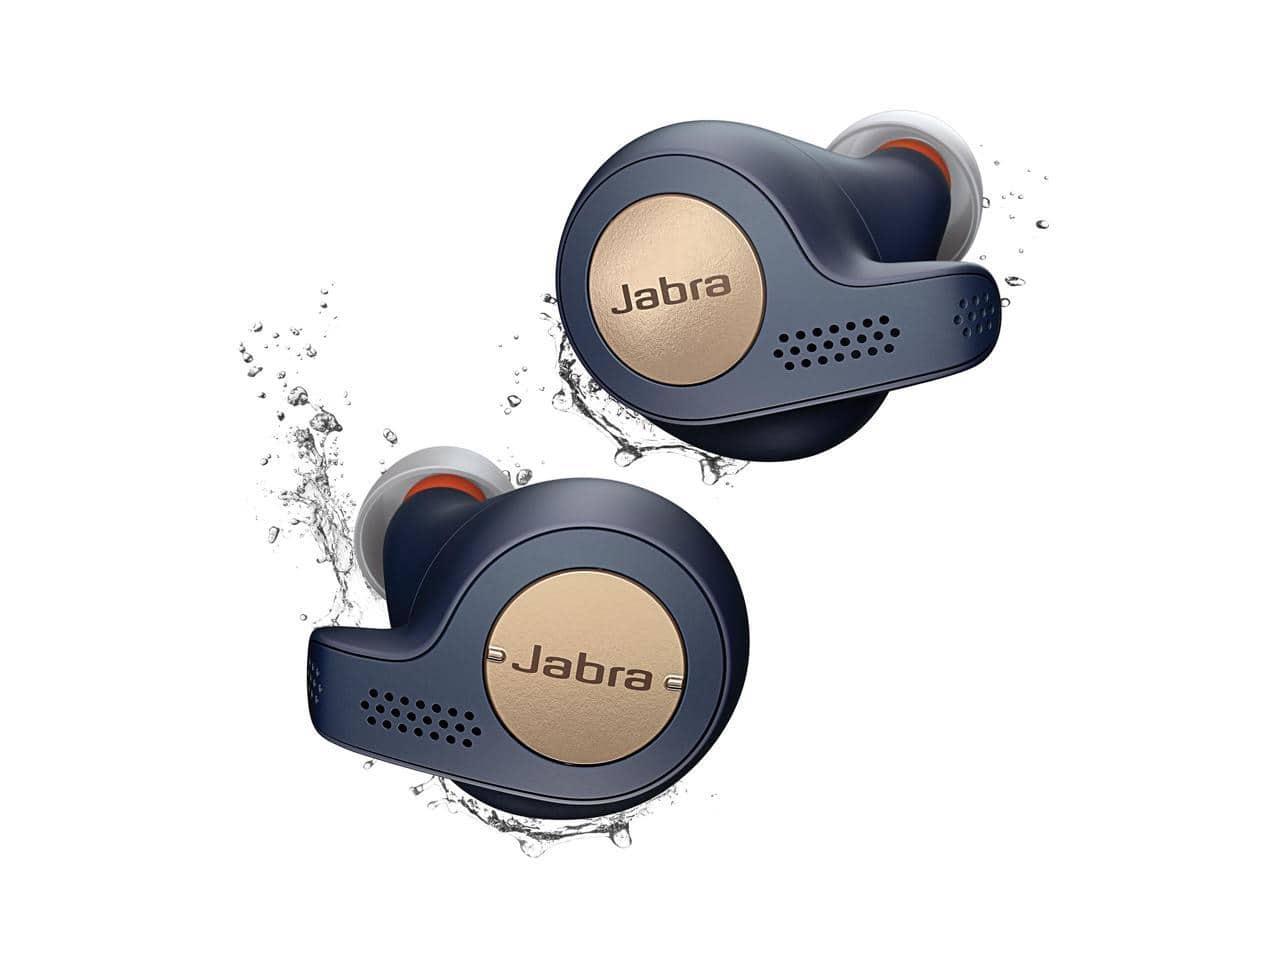 Jabra Elite 65t True Wireless Earbuds (Refurbished)